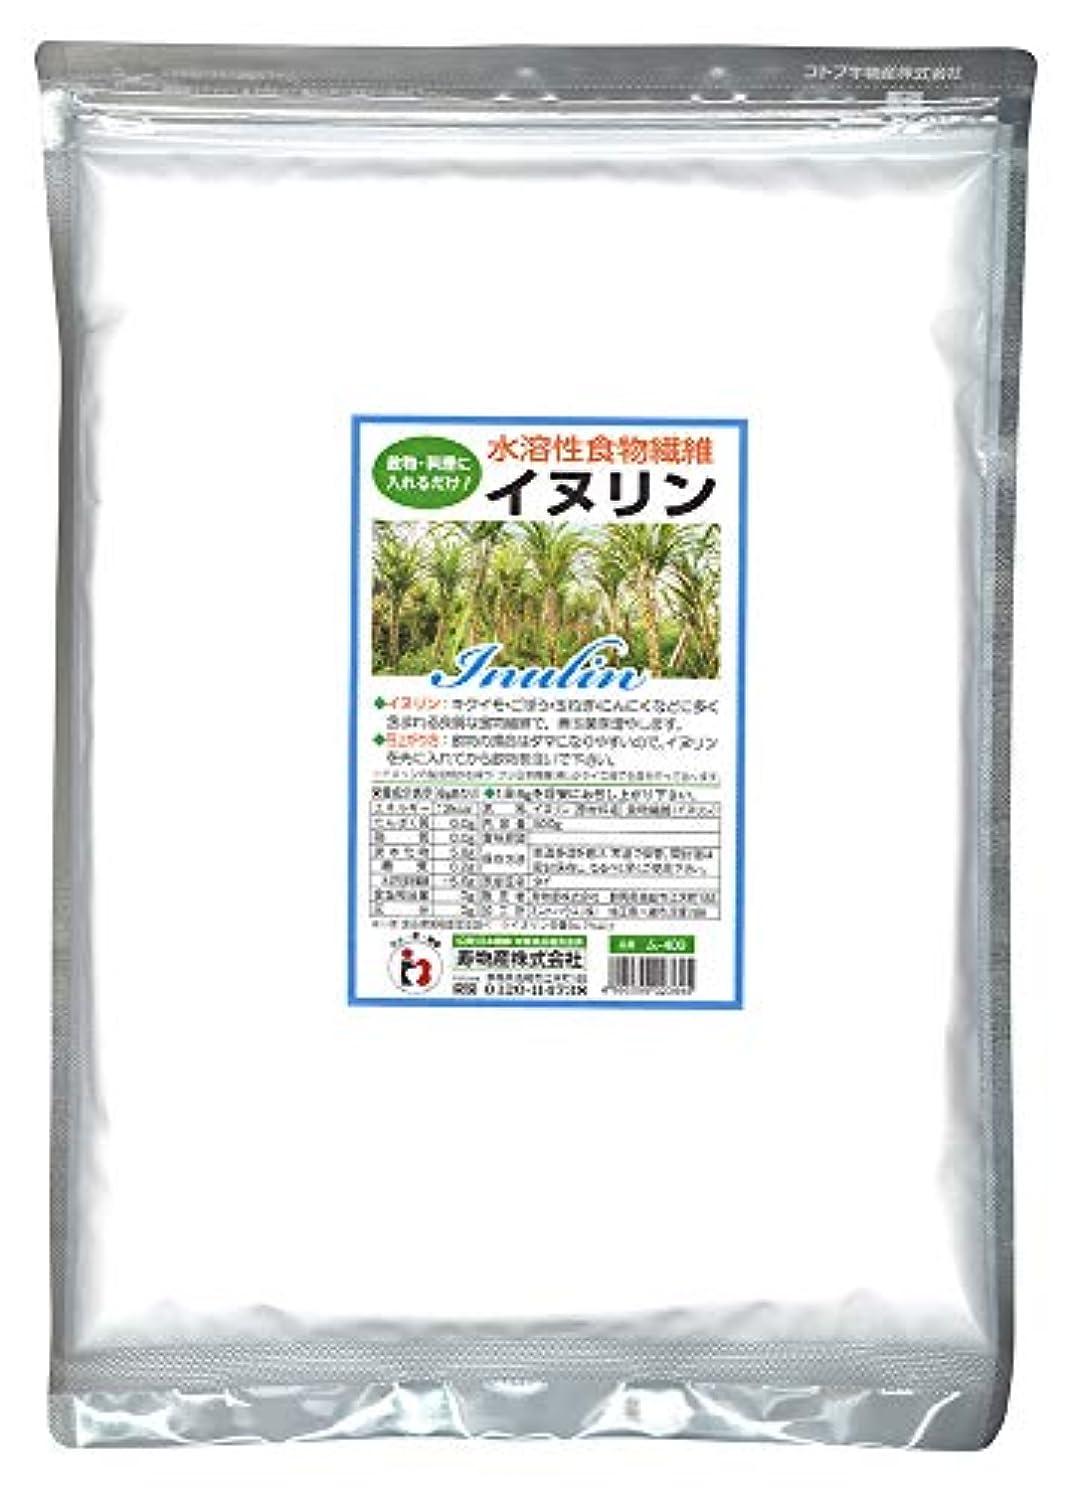 ダーツ名声前にイヌリン 500g 水溶性食物繊維 菊芋に多く含まれる食物繊維